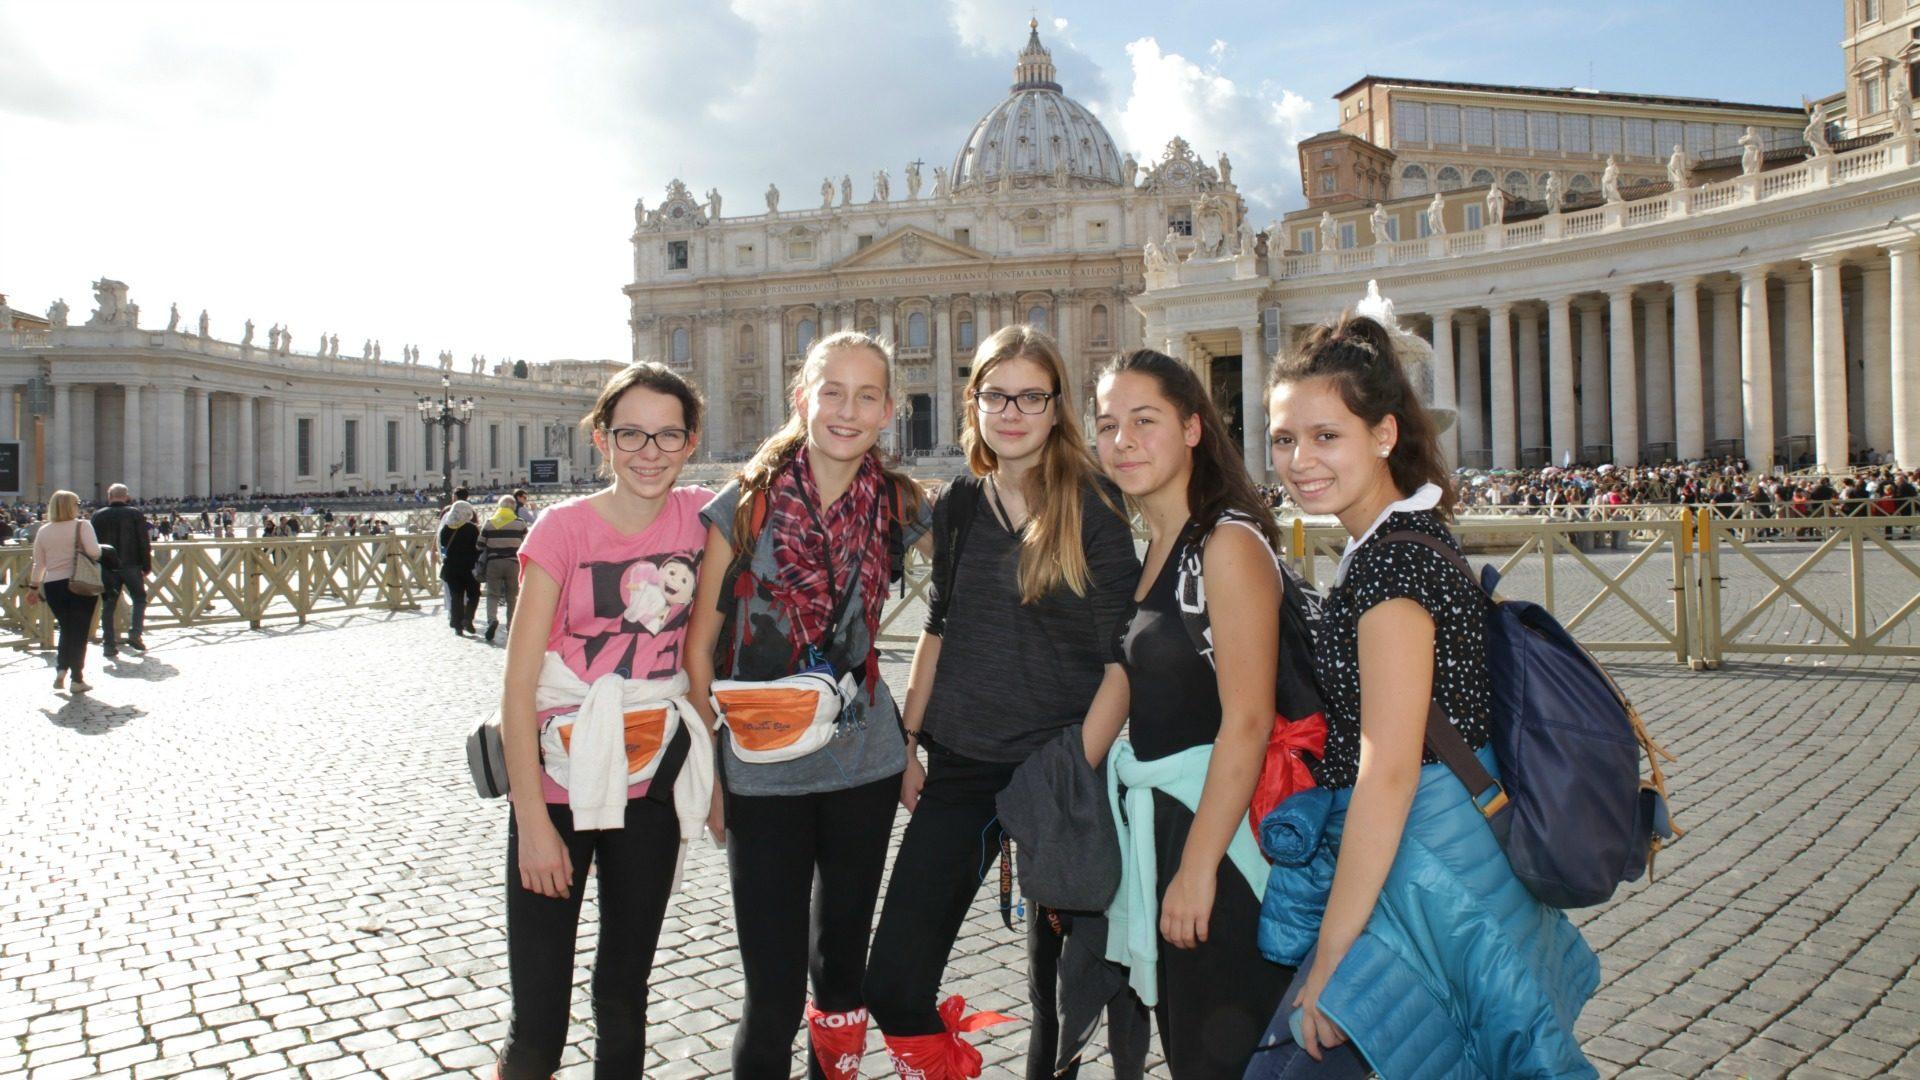 Les cinq amies du groupe Relais de Vétroz ont financé leur pèlerinage en vendant des gâteaux et des pâtisseries. (Photo: B. Hallet)